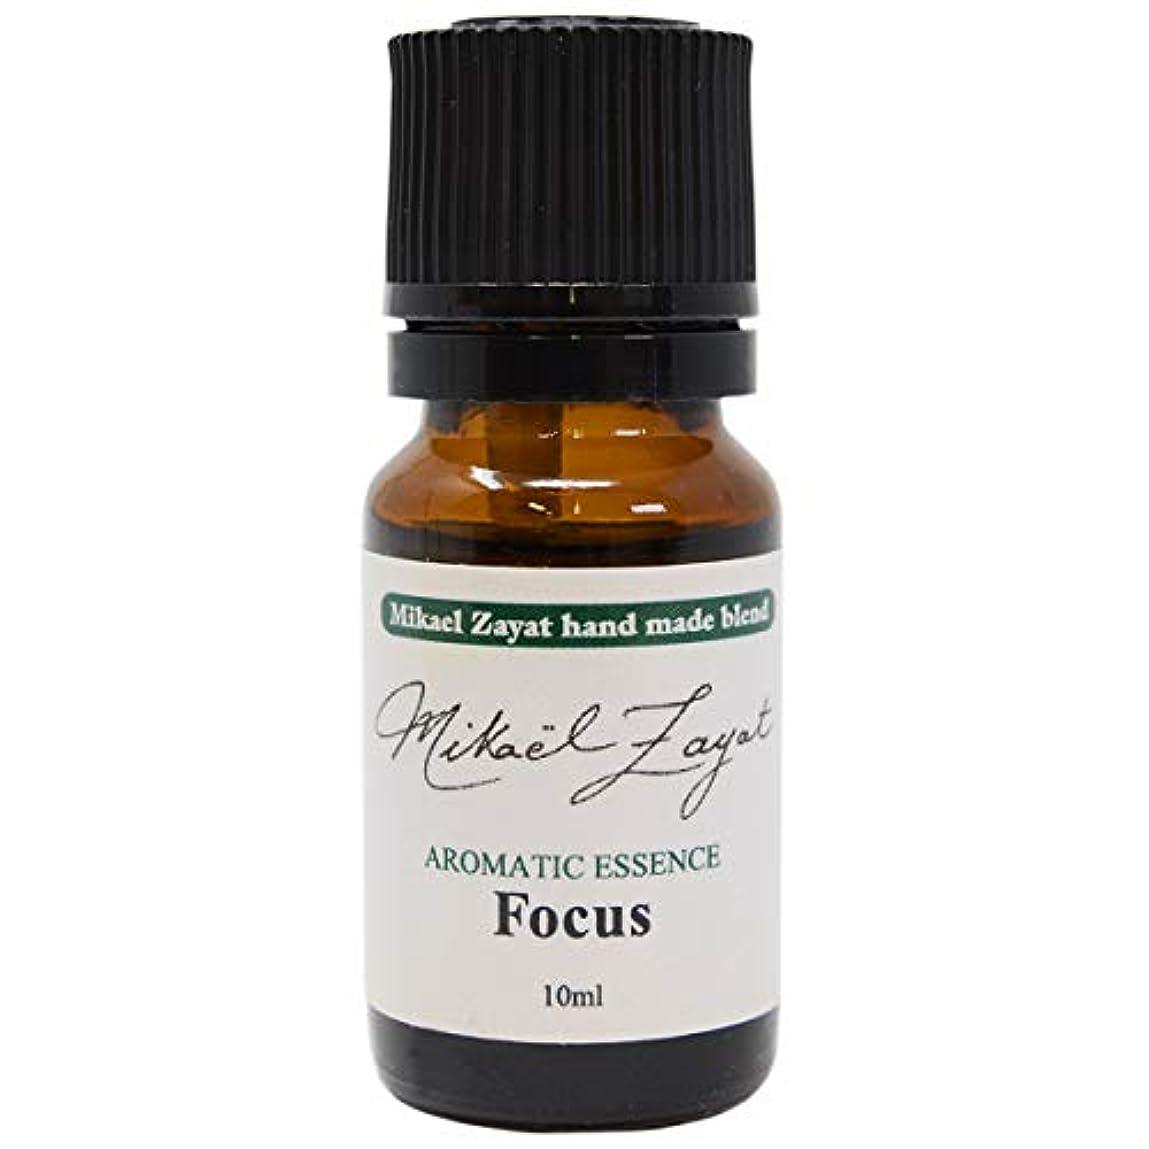 教えるセミナー持続的ミカエルザヤット フォーカス Focus 10ml Mikael Zayat hand made blend